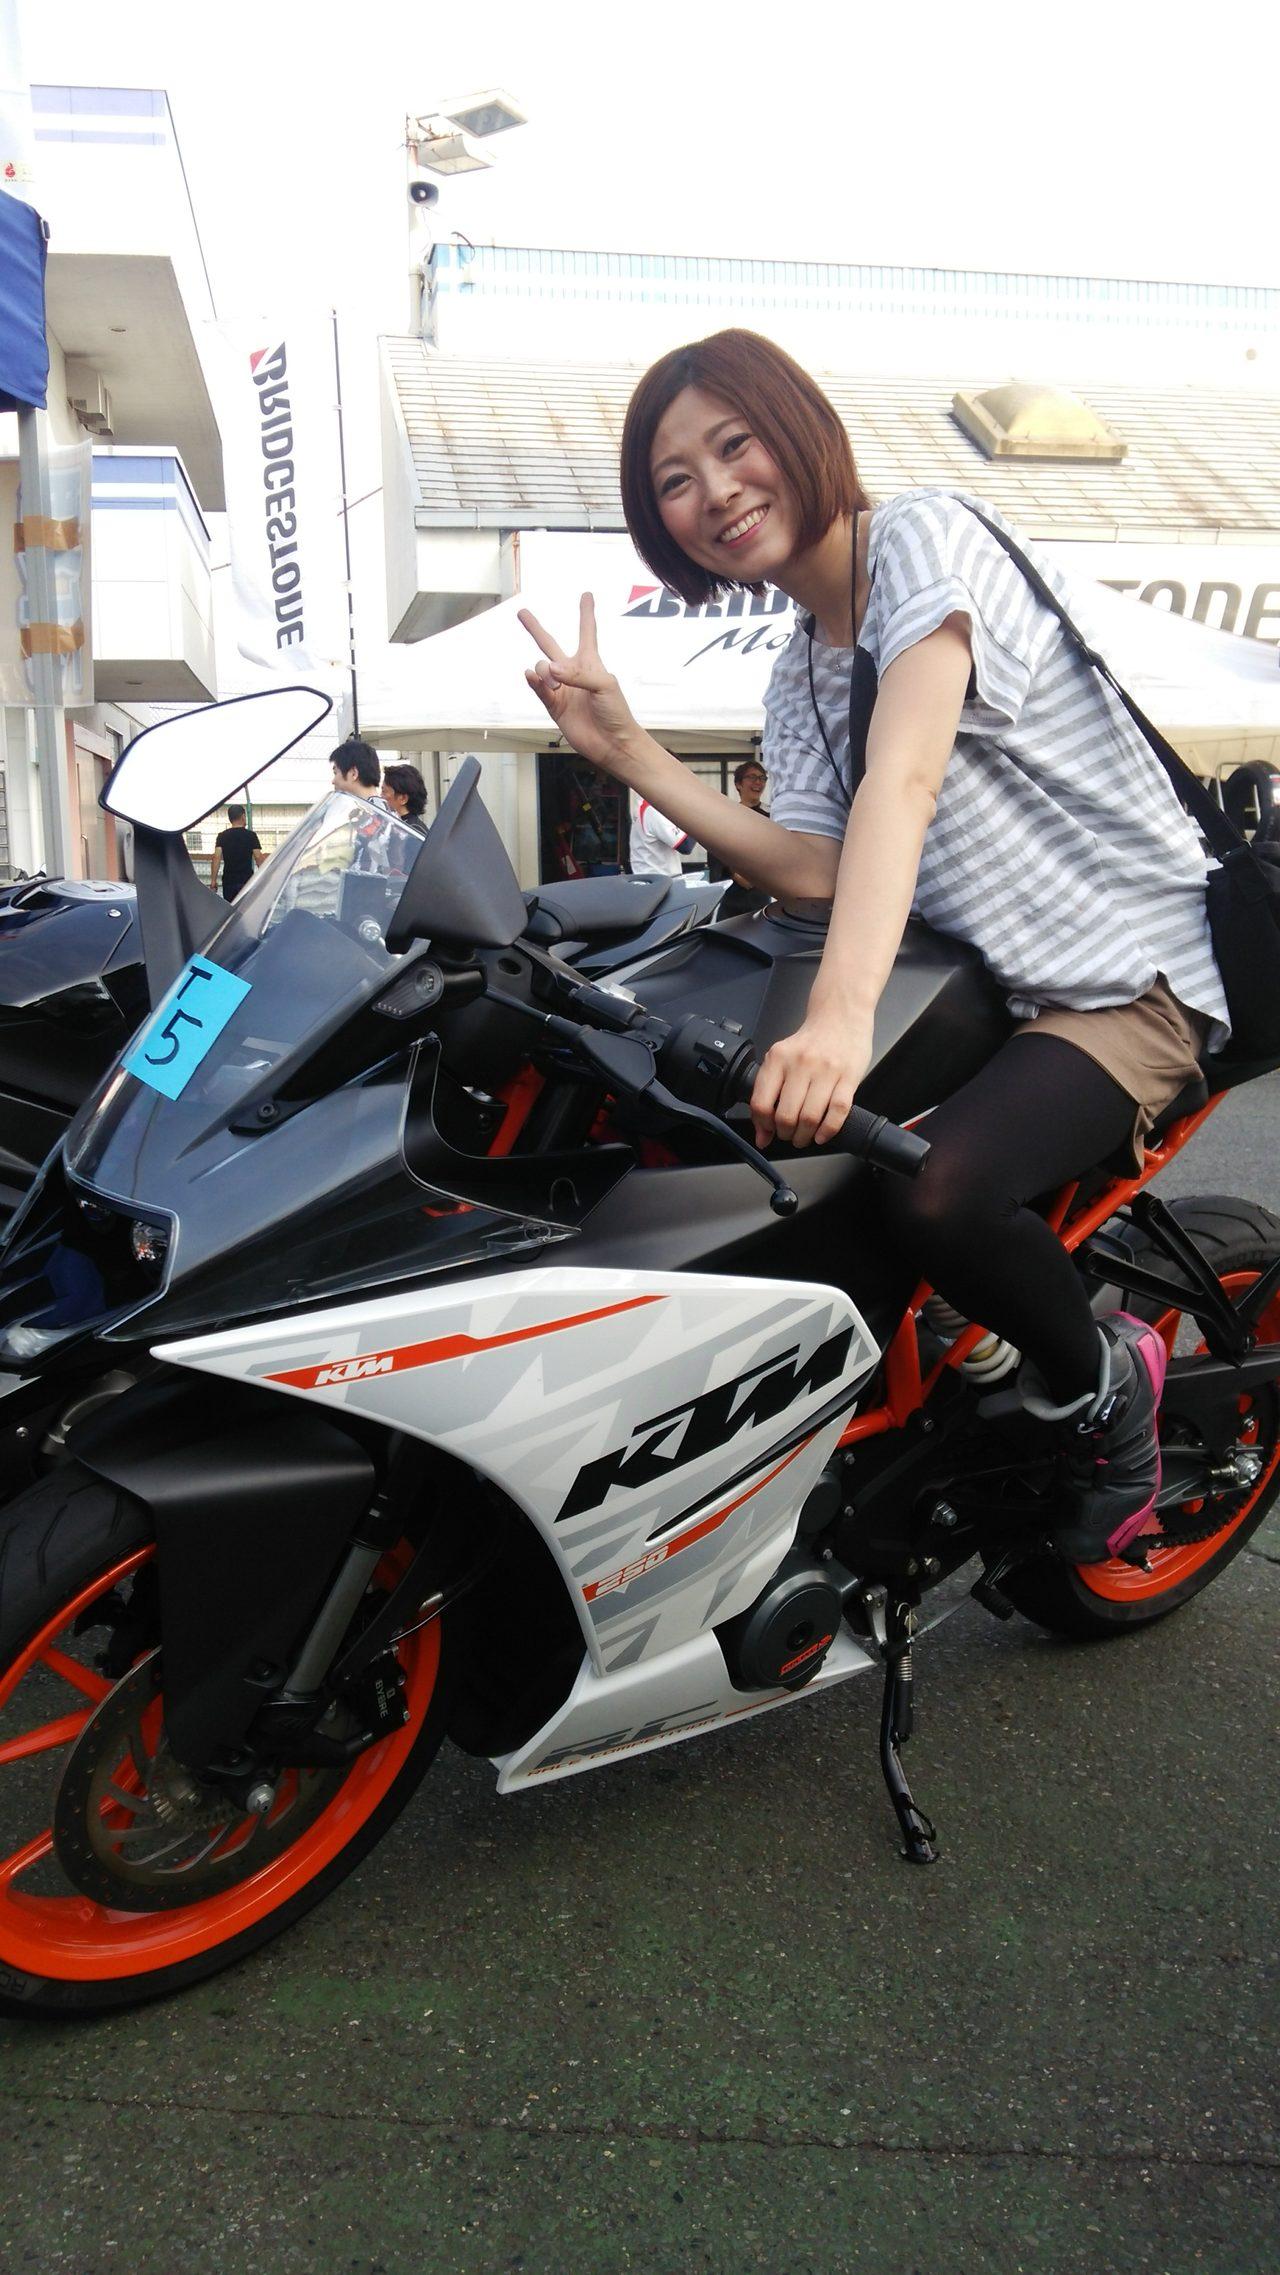 画像3: 先川知香的インプレッション!KTM【RC250】に乗ってみた。